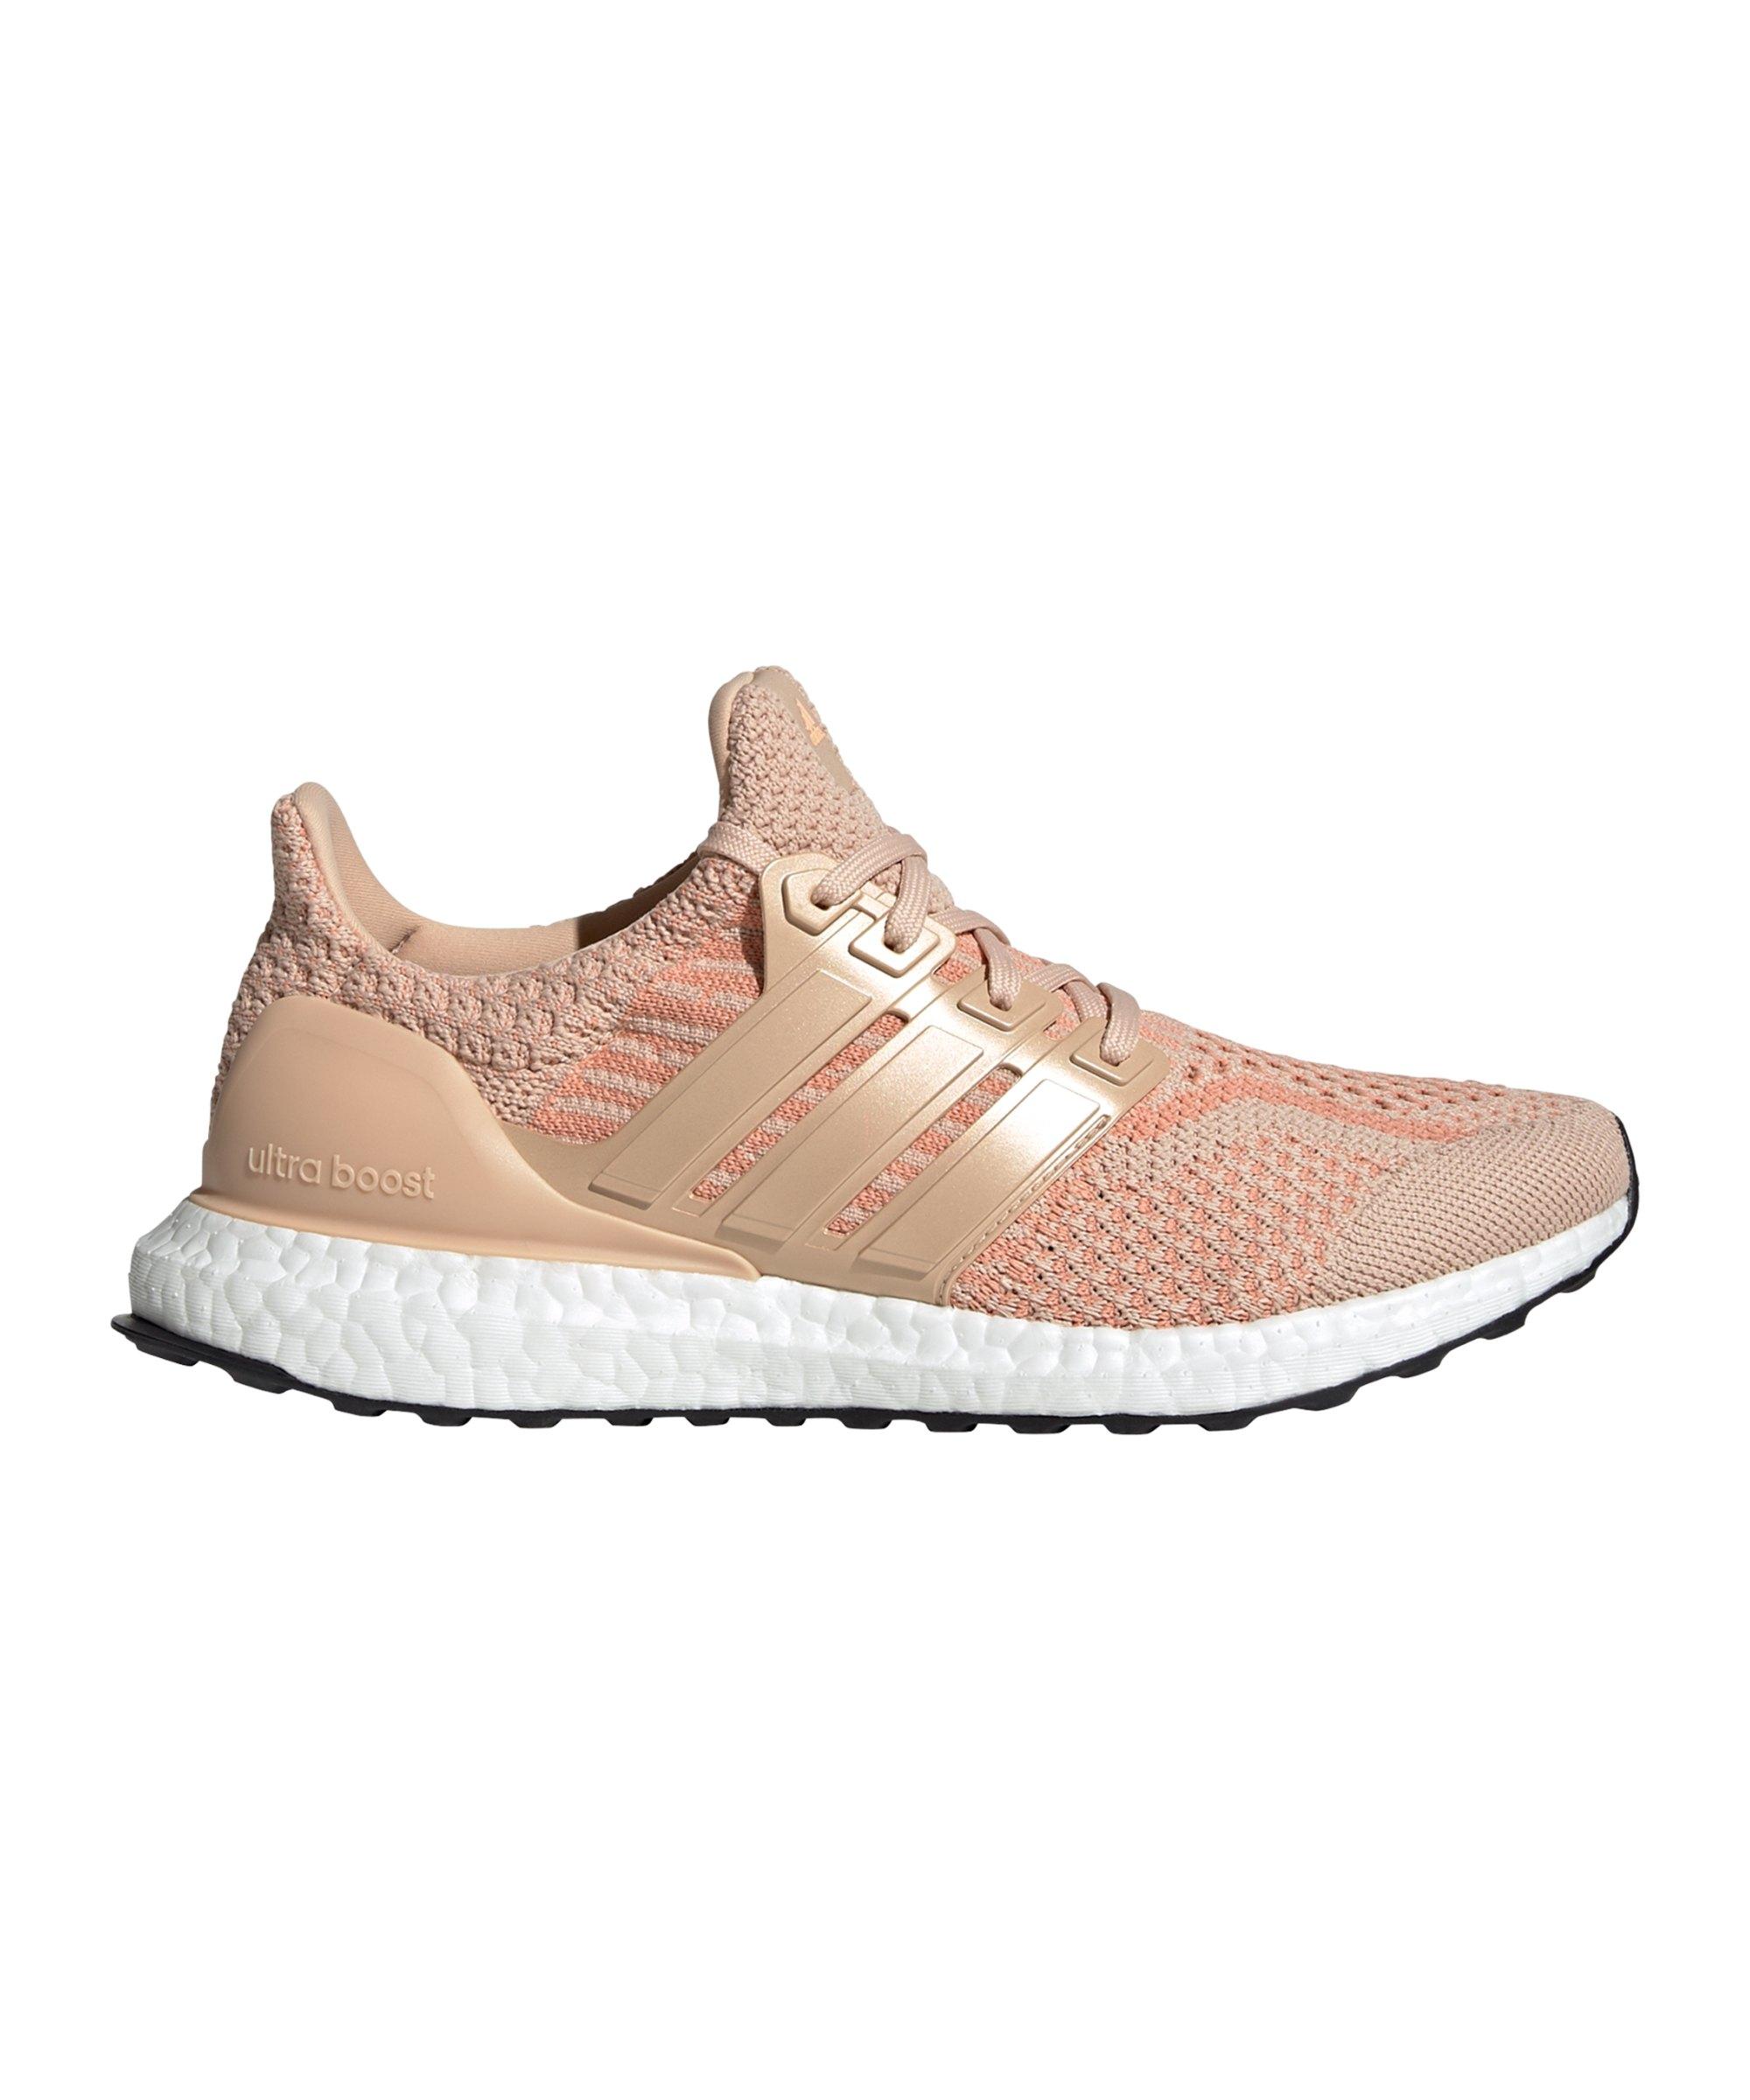 adidas Ultraboost 5.0 DNA Running Damen Rosa - rosa